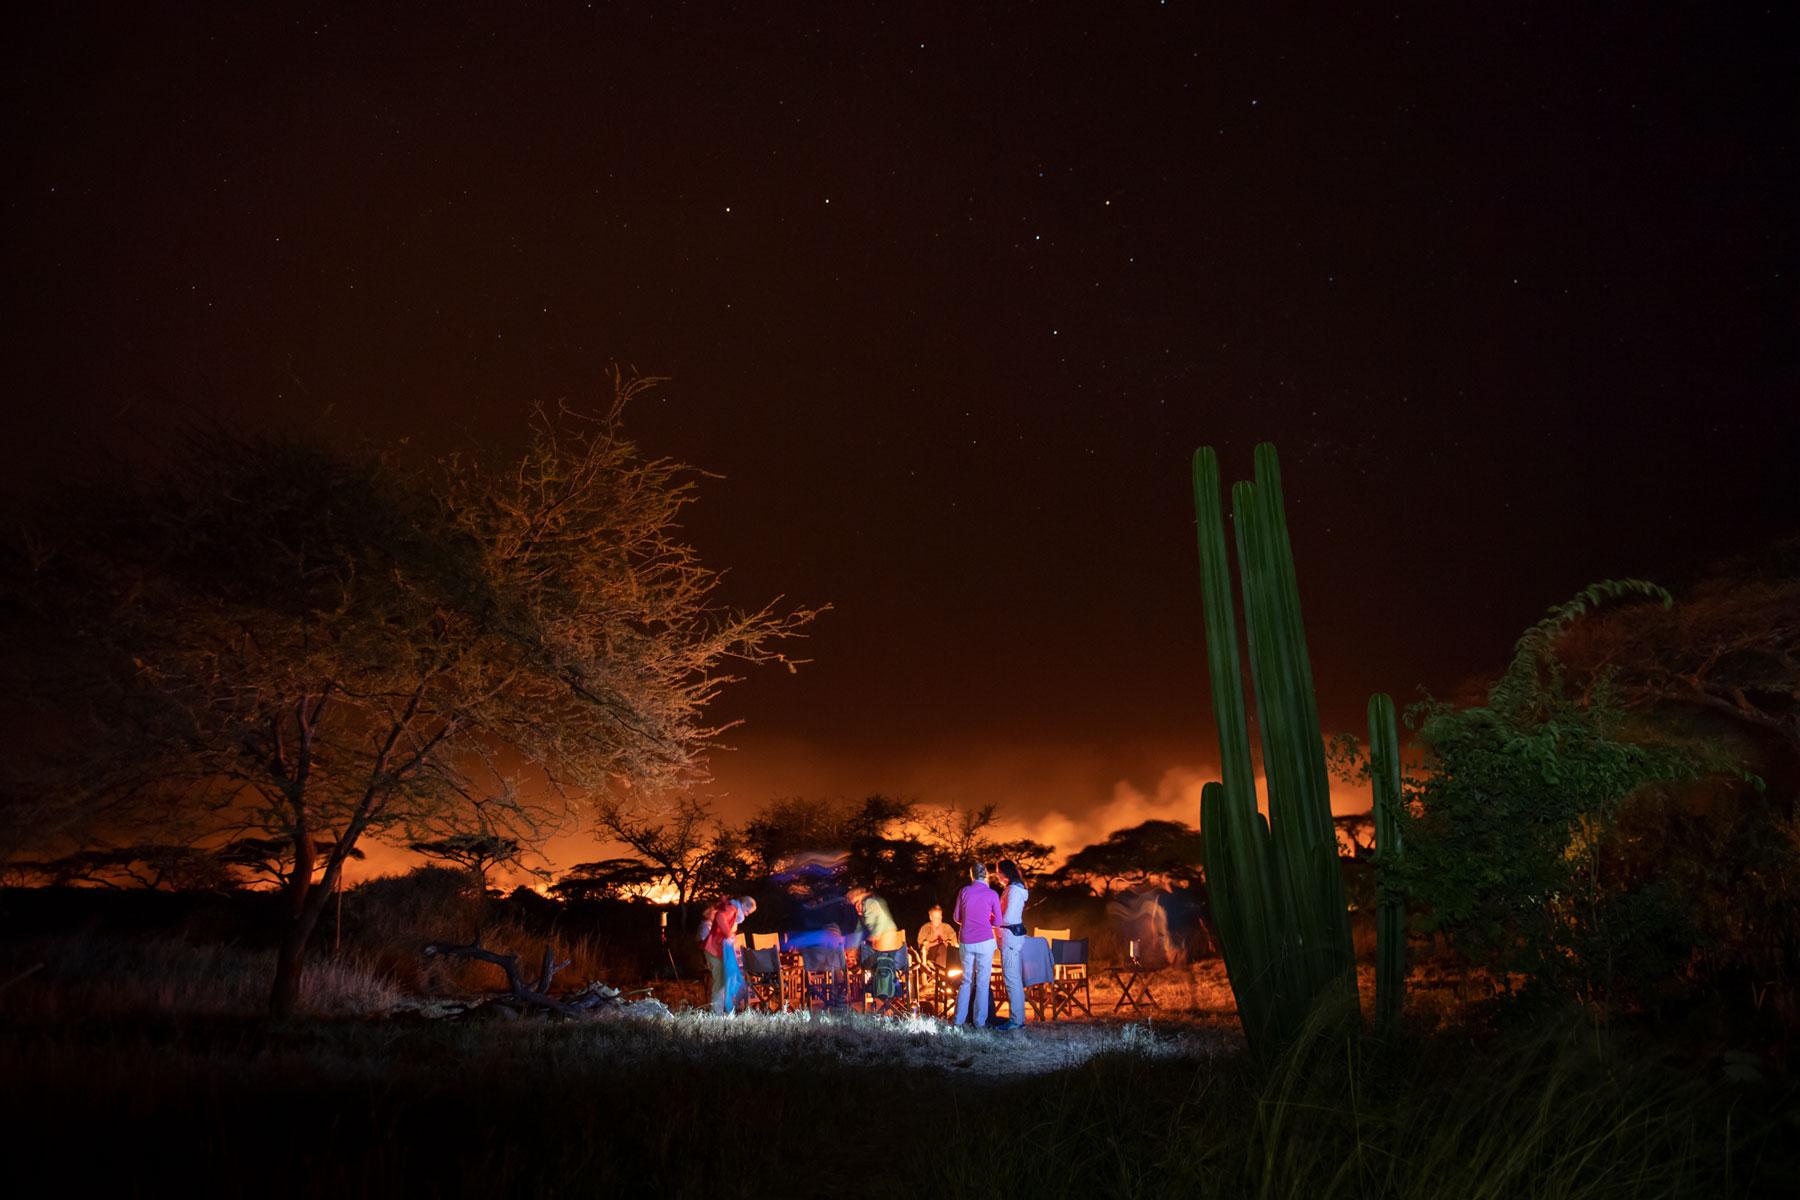 Bild einer sternenklaren Nachtaufnahme mit Menschen in der Bildmitte und brennender Serengeti im Hintergrund